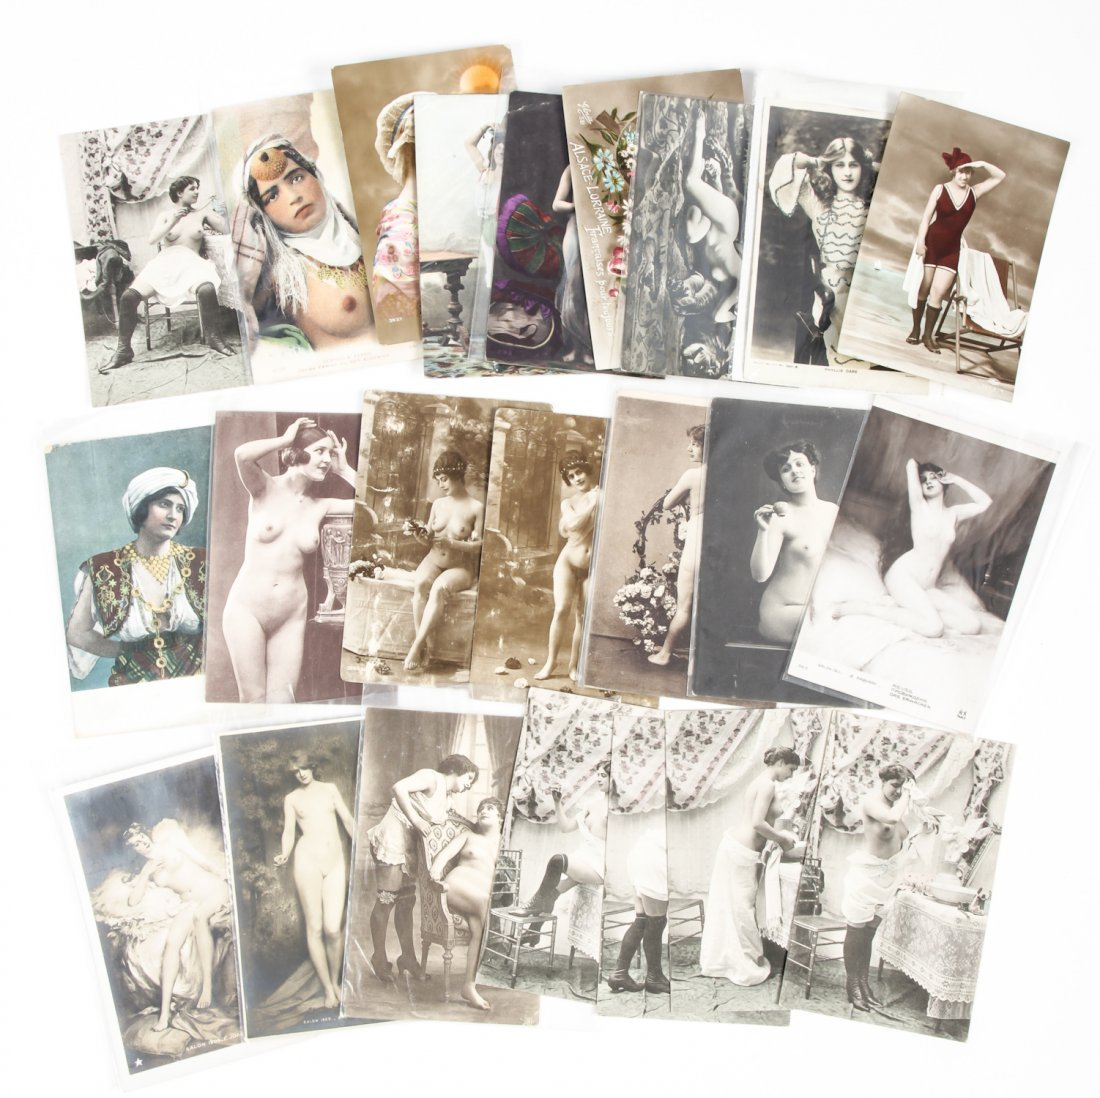 23 pc Vintage Risque Nude Postcard Lot